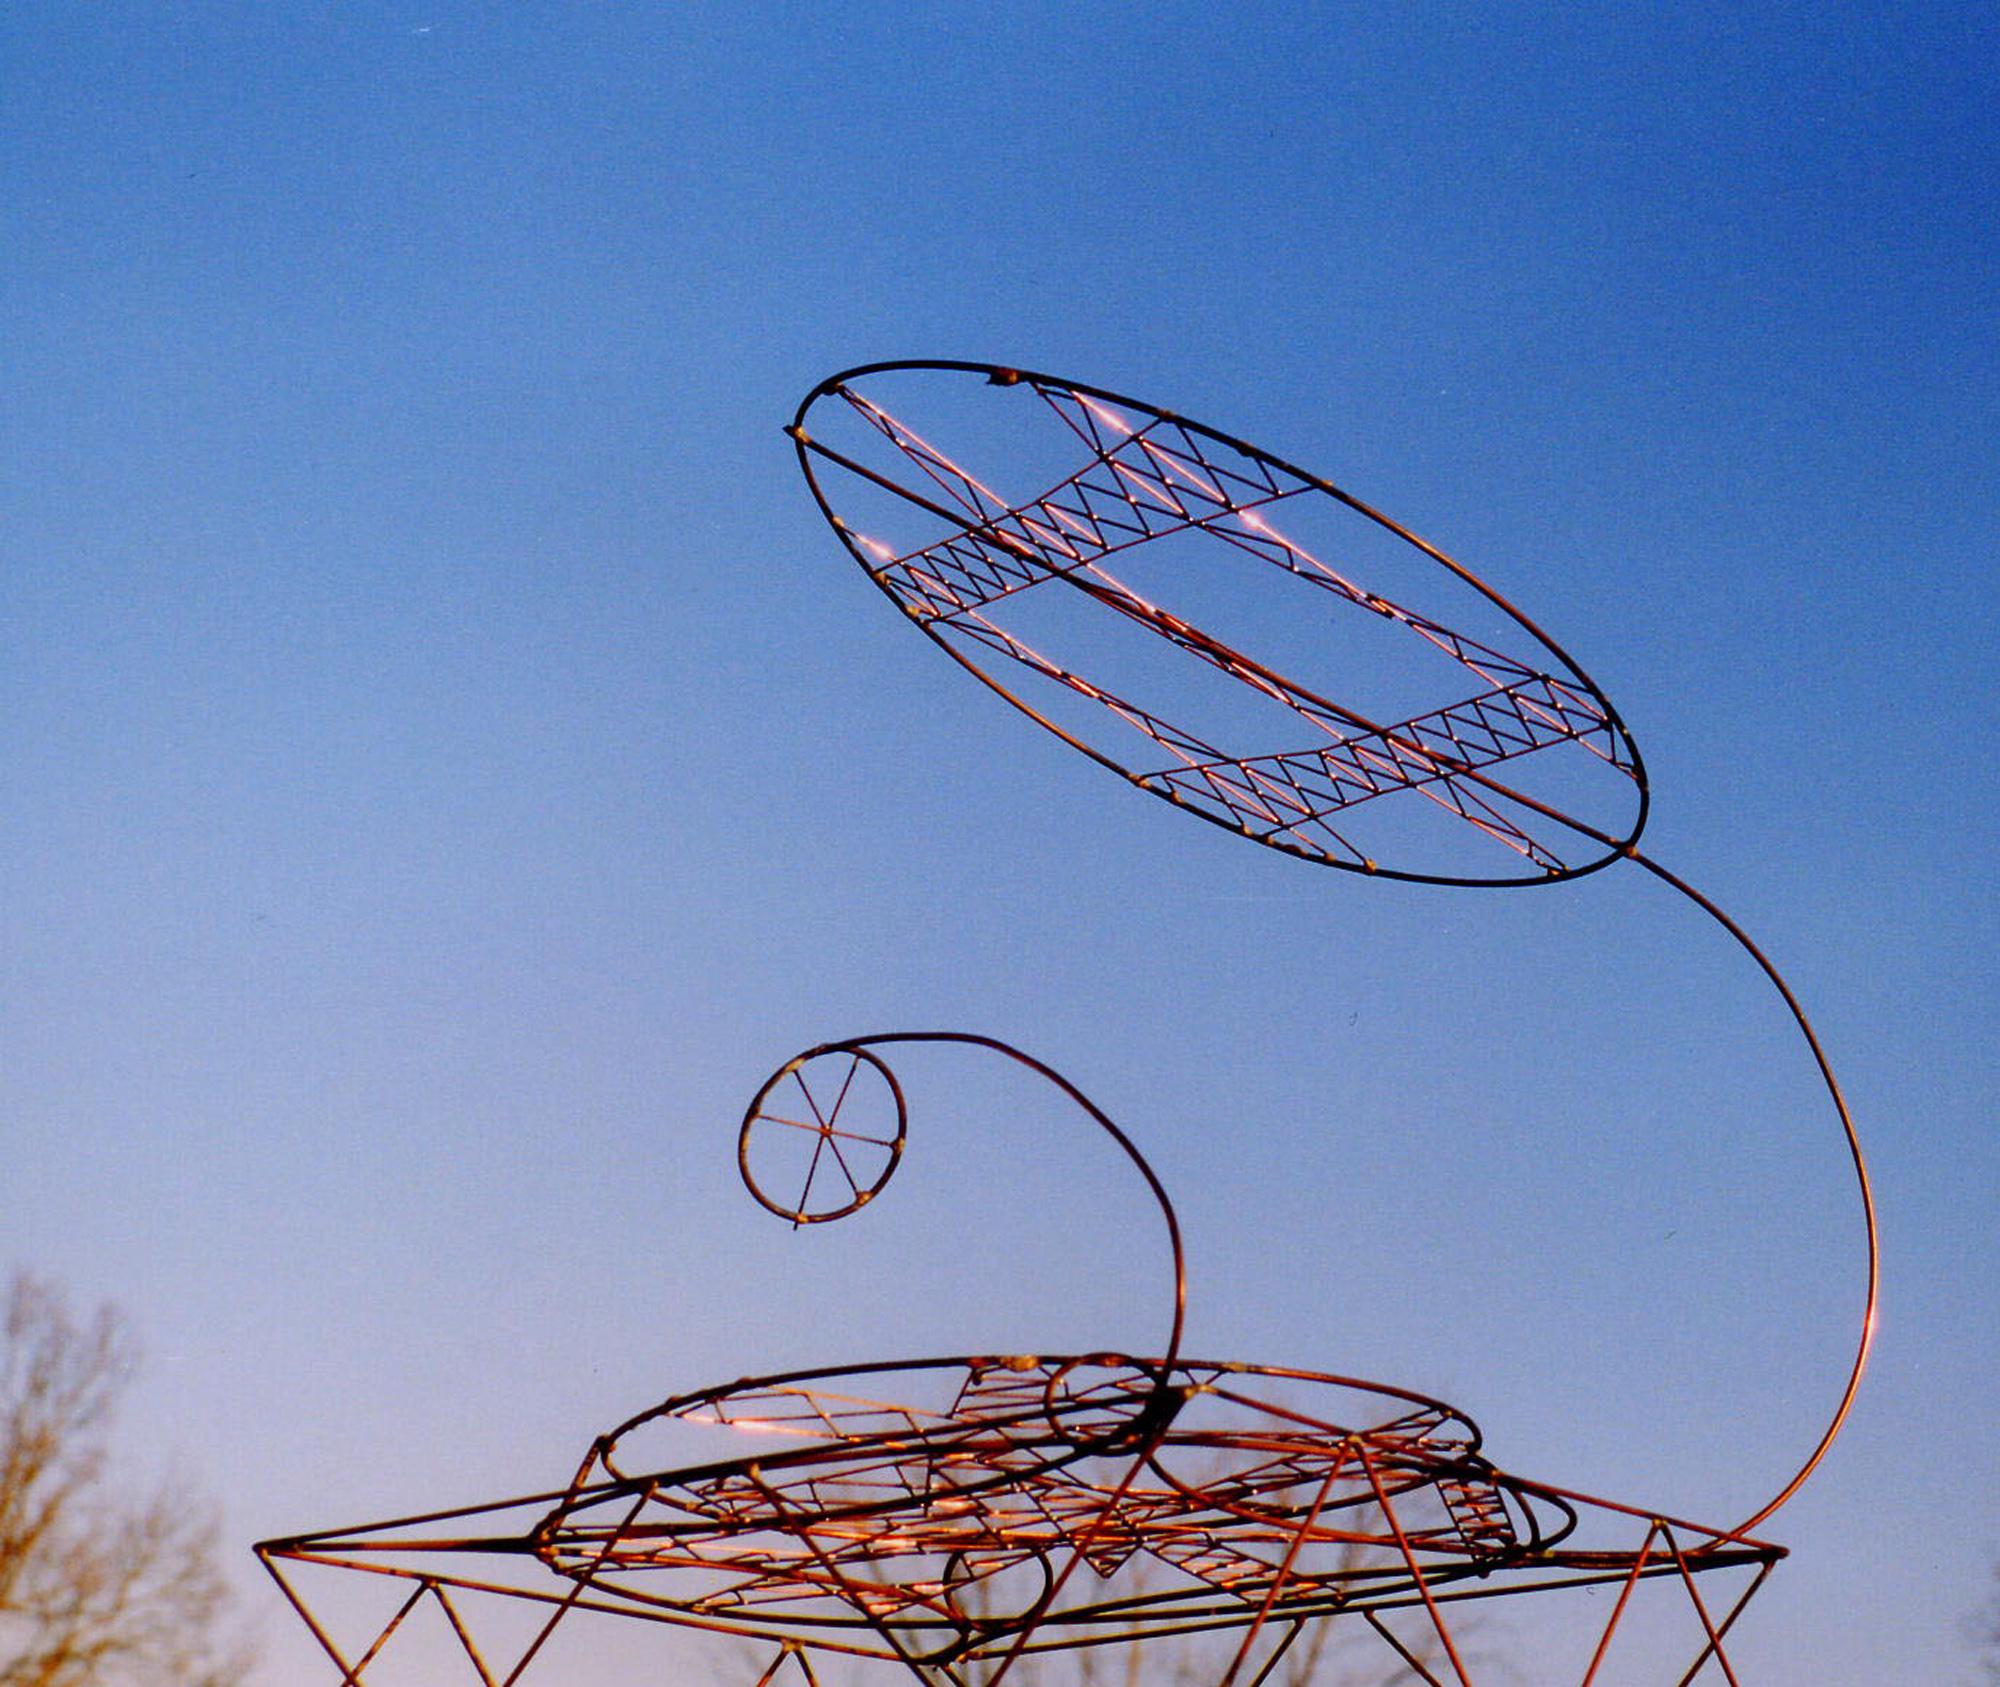 Disc, multi-pylon sculpture